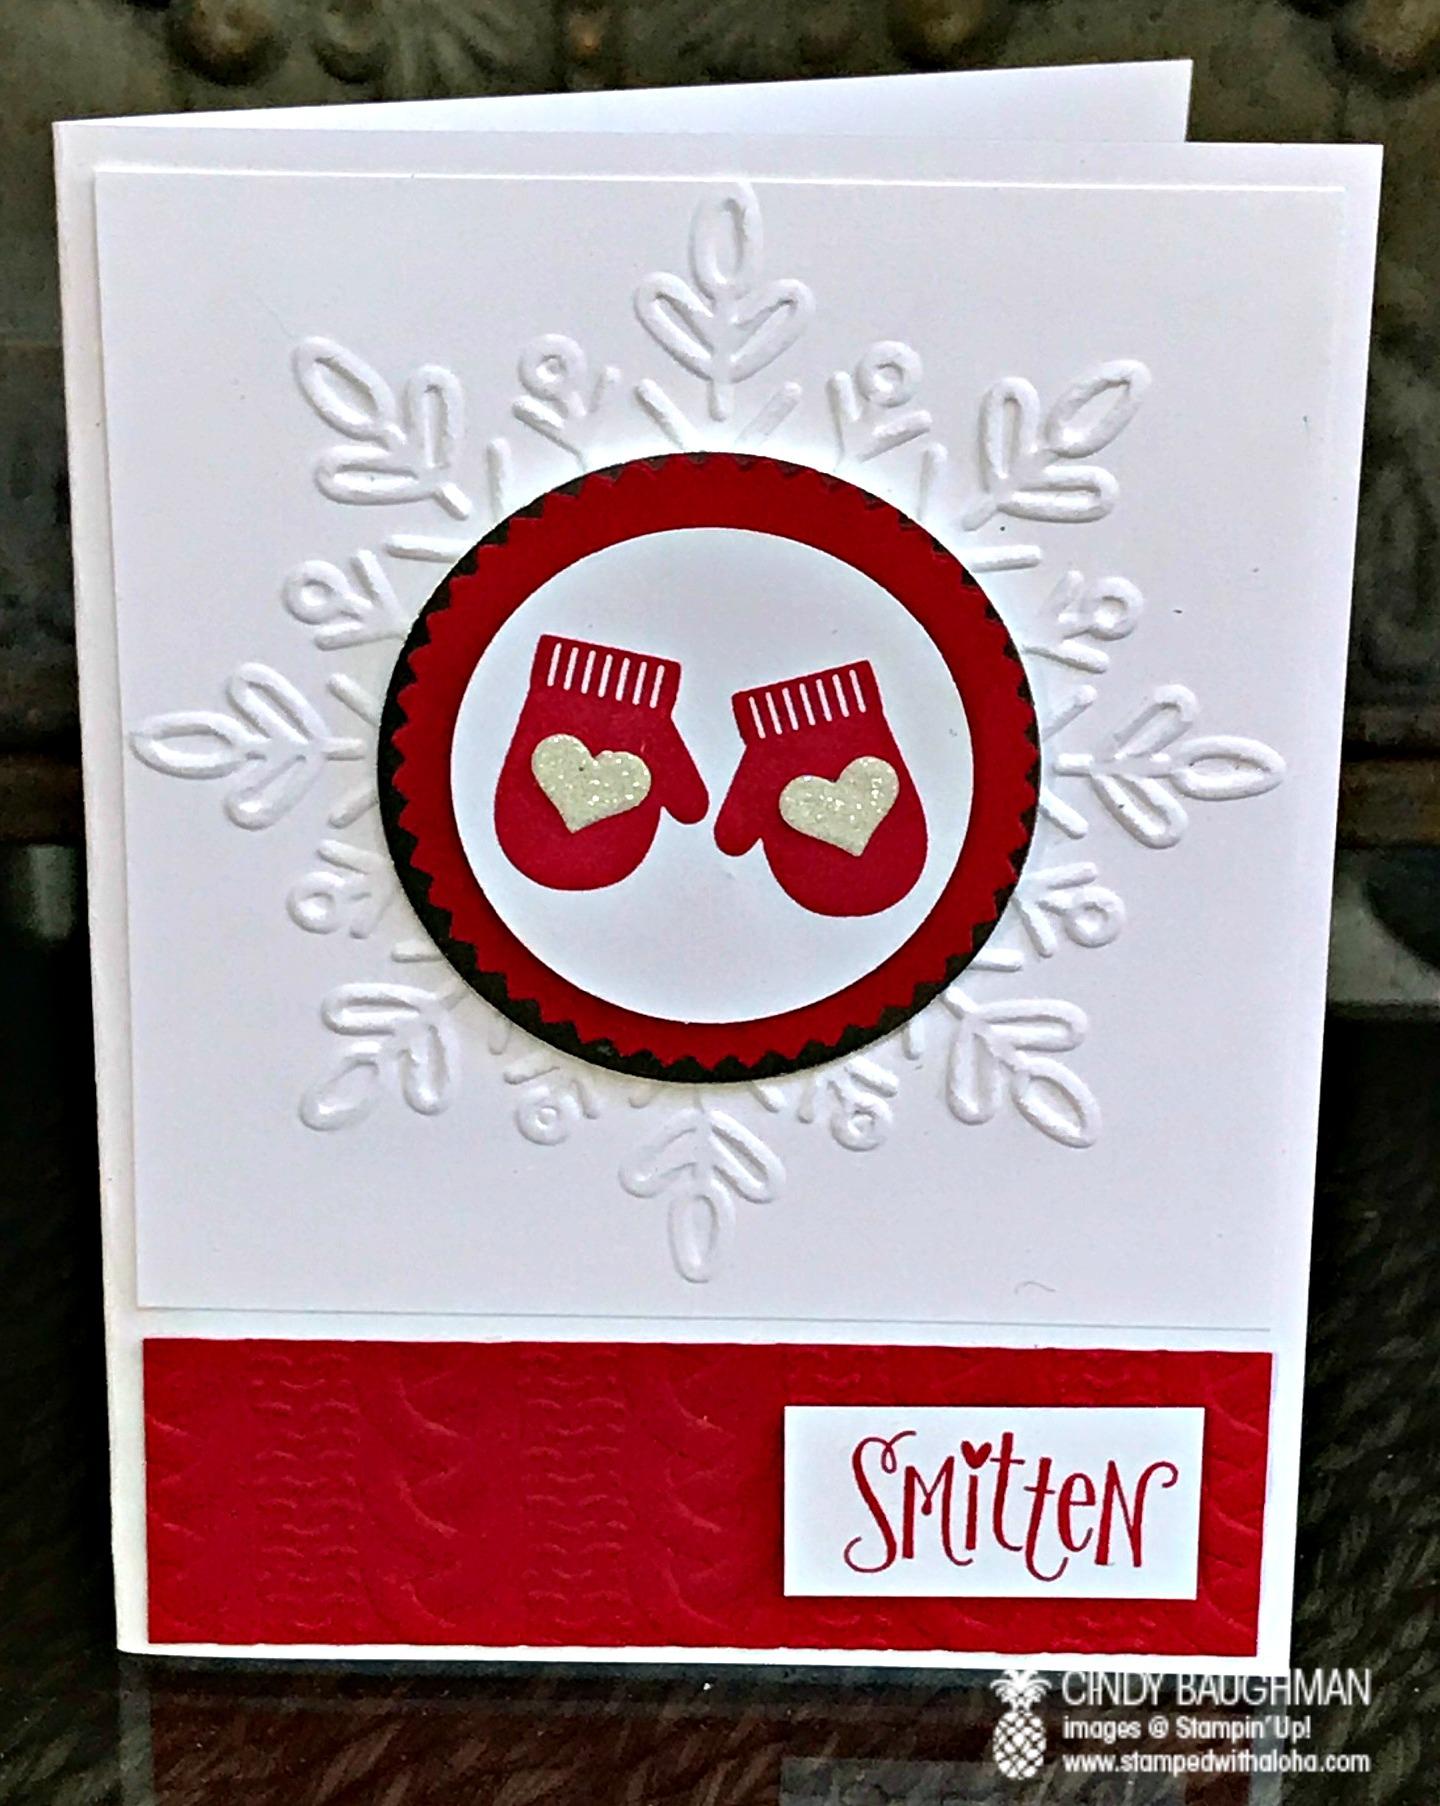 Smitten Card - www.stampedwithaloha.com